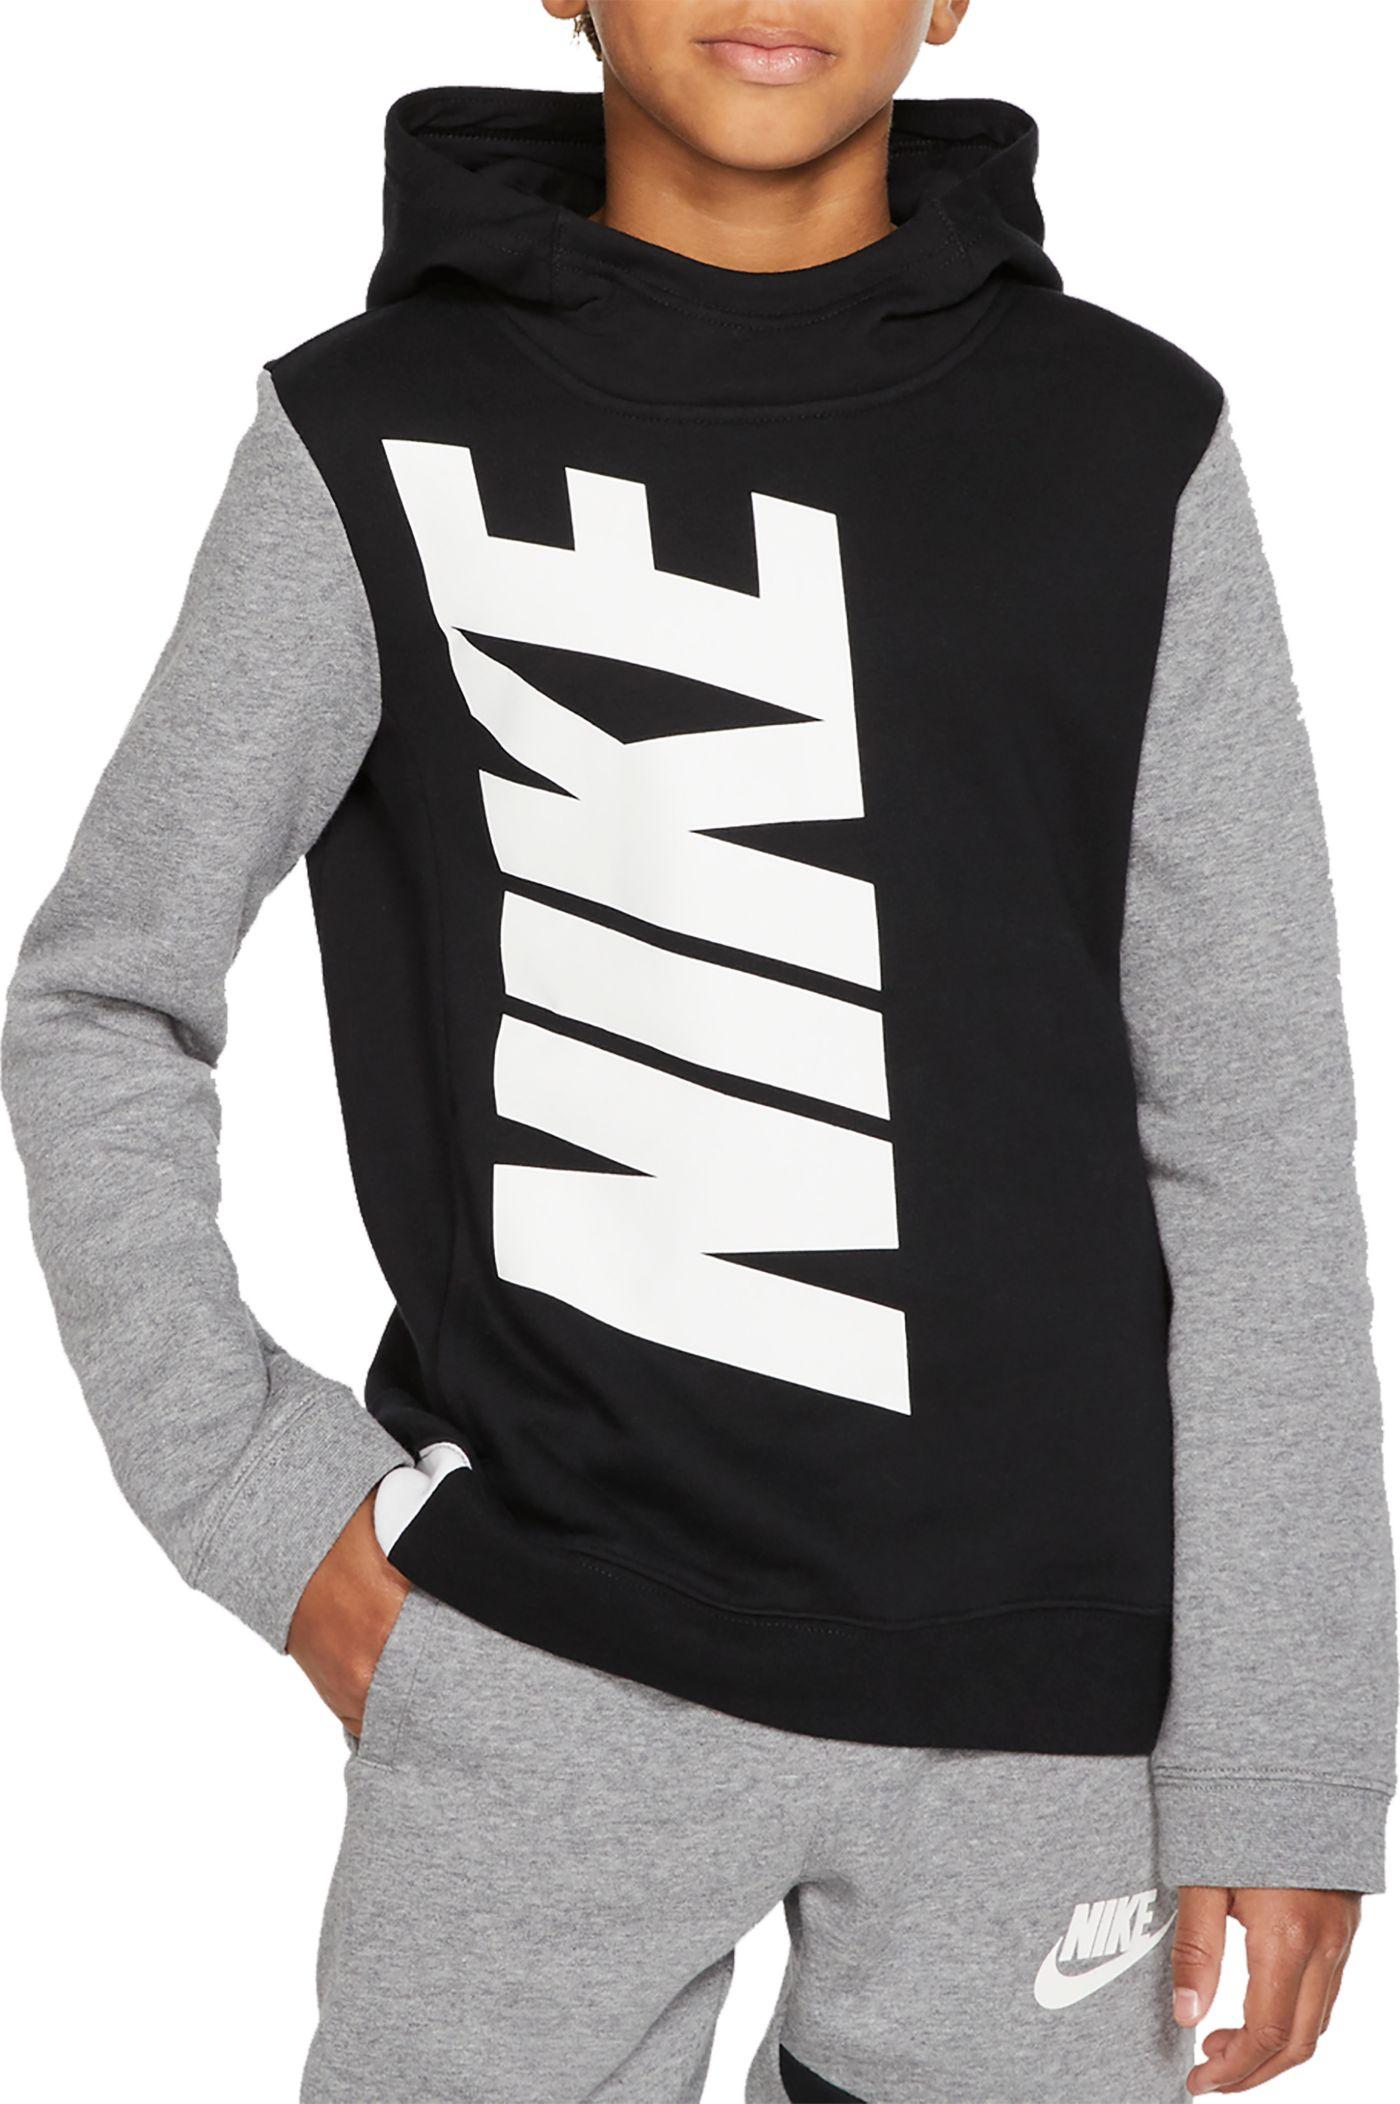 Nike Boys' Sportswear Core Amplify Hoodie